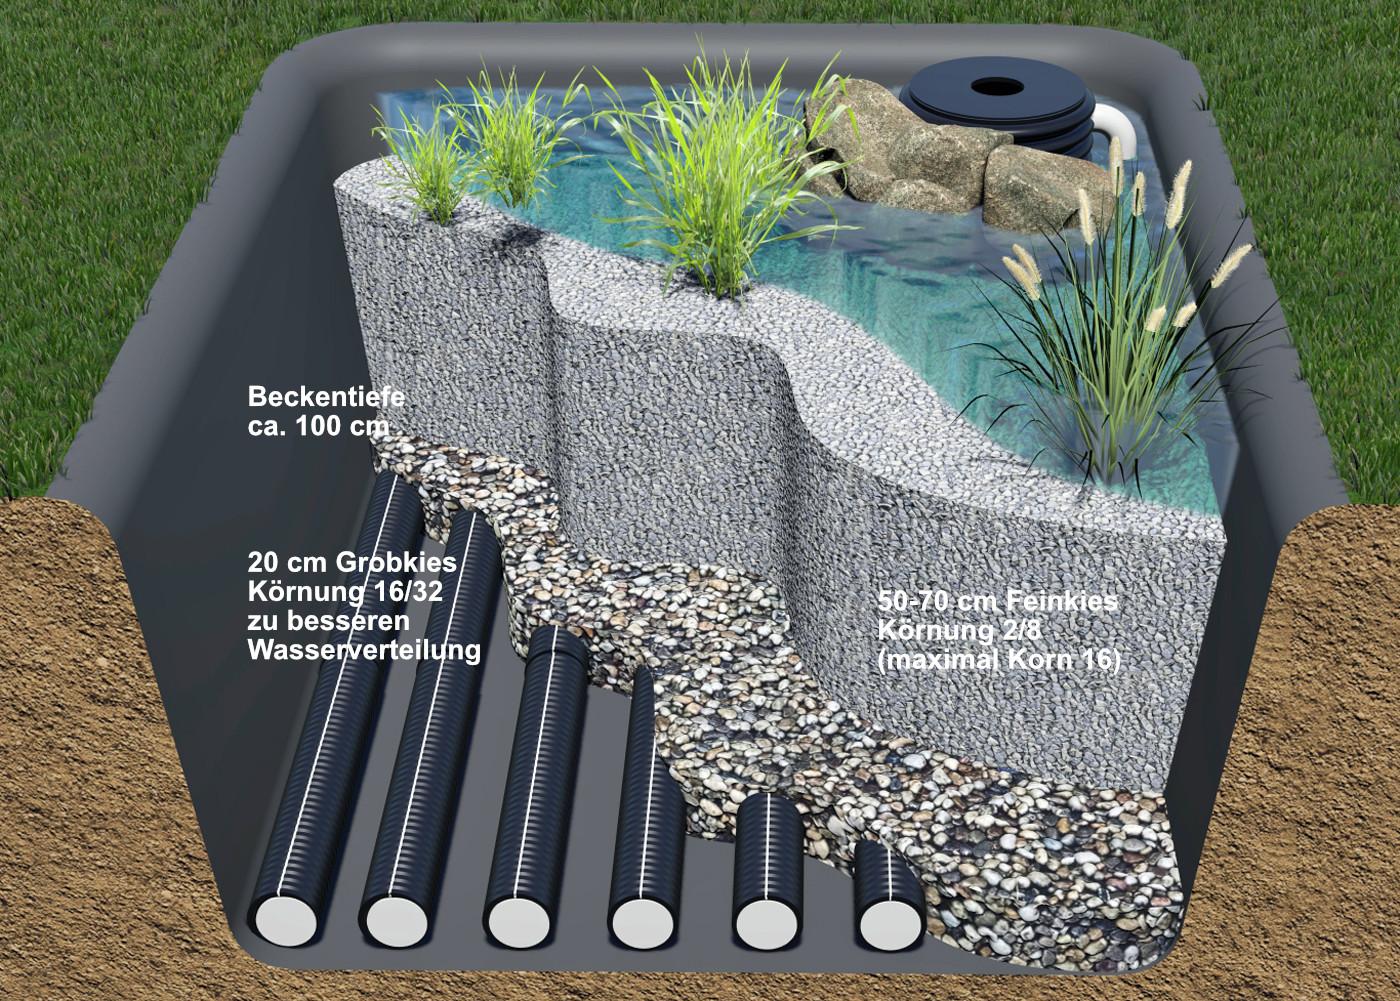 Einbau des Bioflow Wasserverteilsystems in die Substratatschichten des Pflanzenfilters